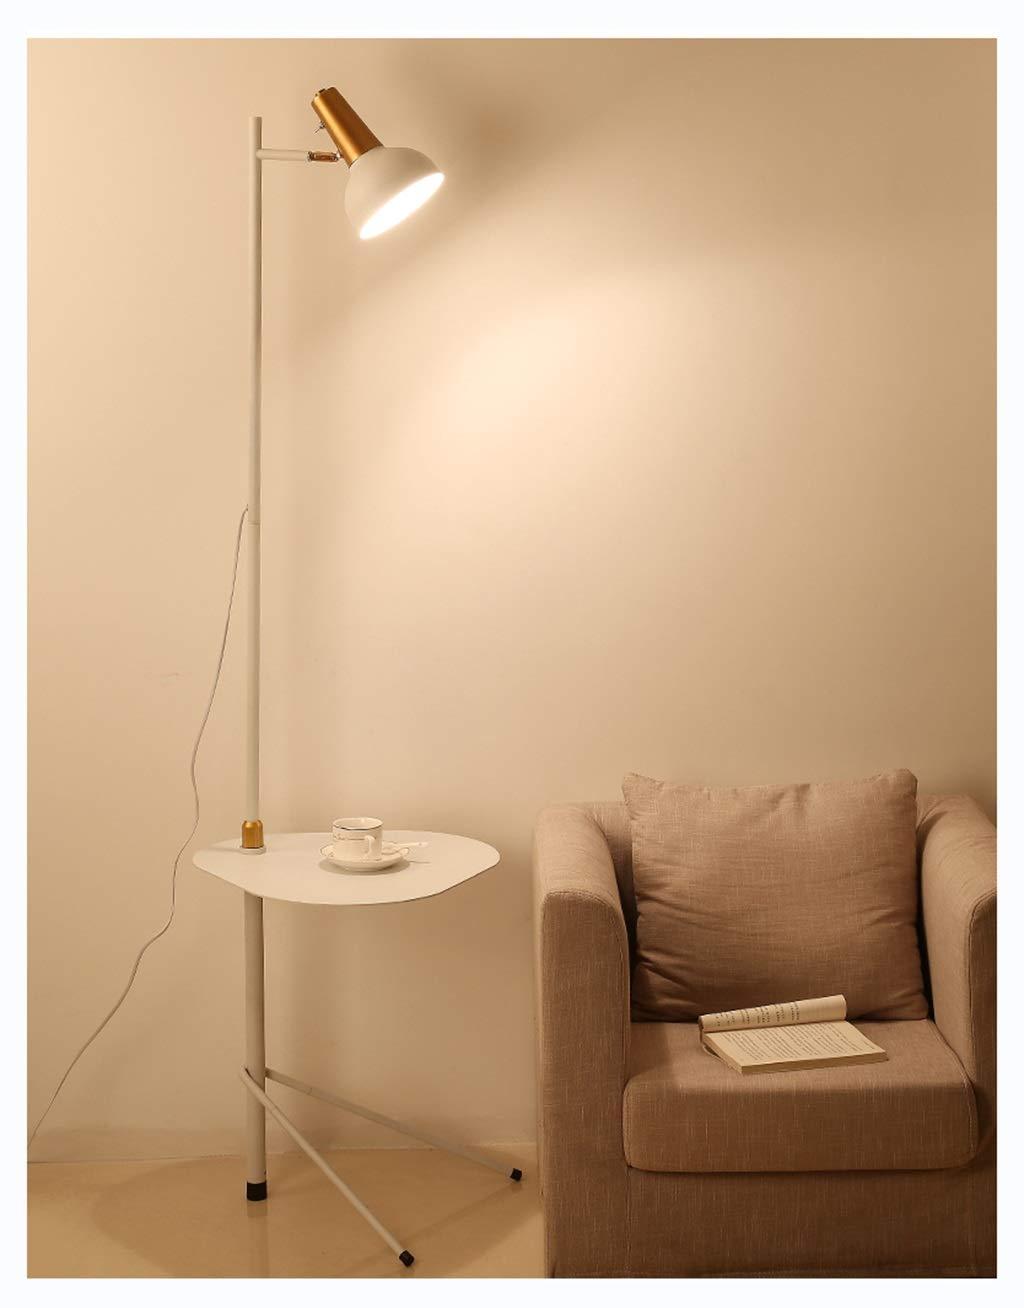 THOR-YAN ポストモダンミニマルクリエイティブフロアランプ、ベッドルームリビングルームスタンダードランプリーディングスタジオストレージ調光LED -8756フロアスタンドランプ (色 : 黄) B07Q5WWSTZ 白  白